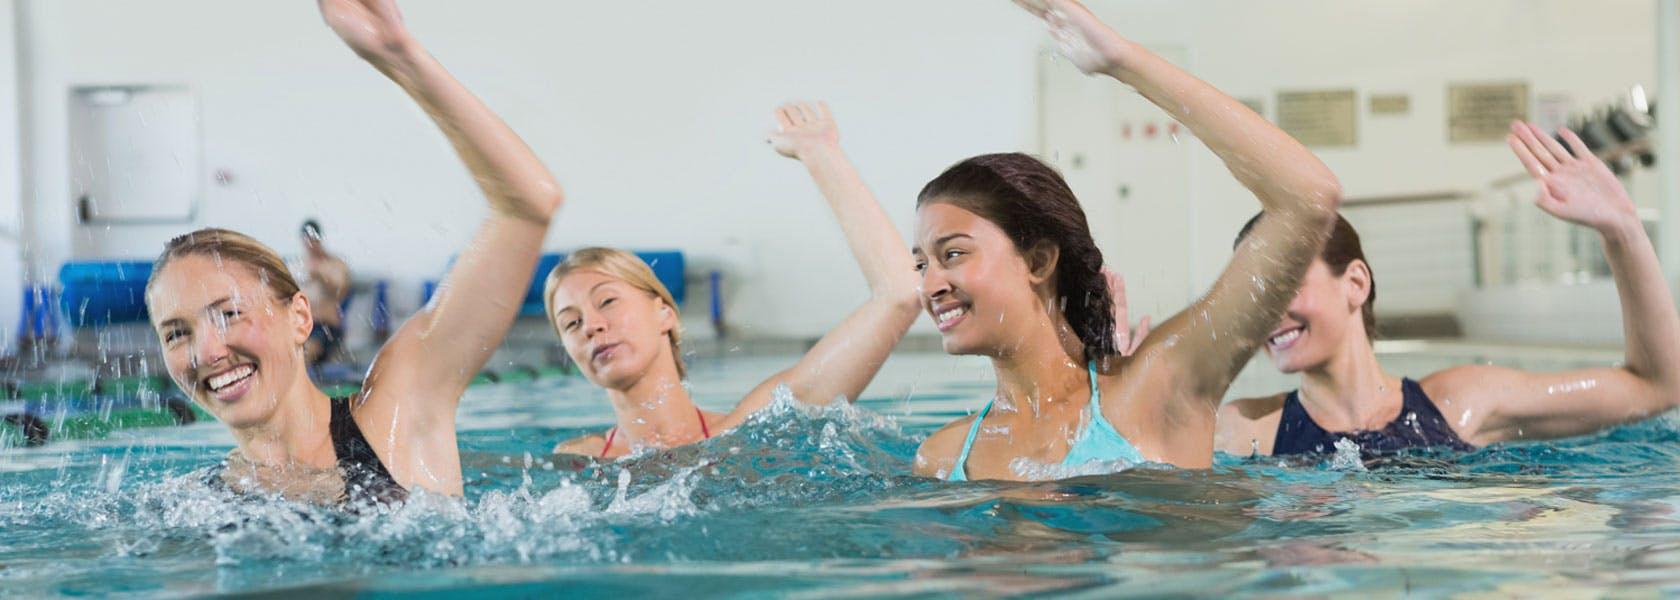 Kvinder laver øvelser mod ledsmerter og for et bedre helbred